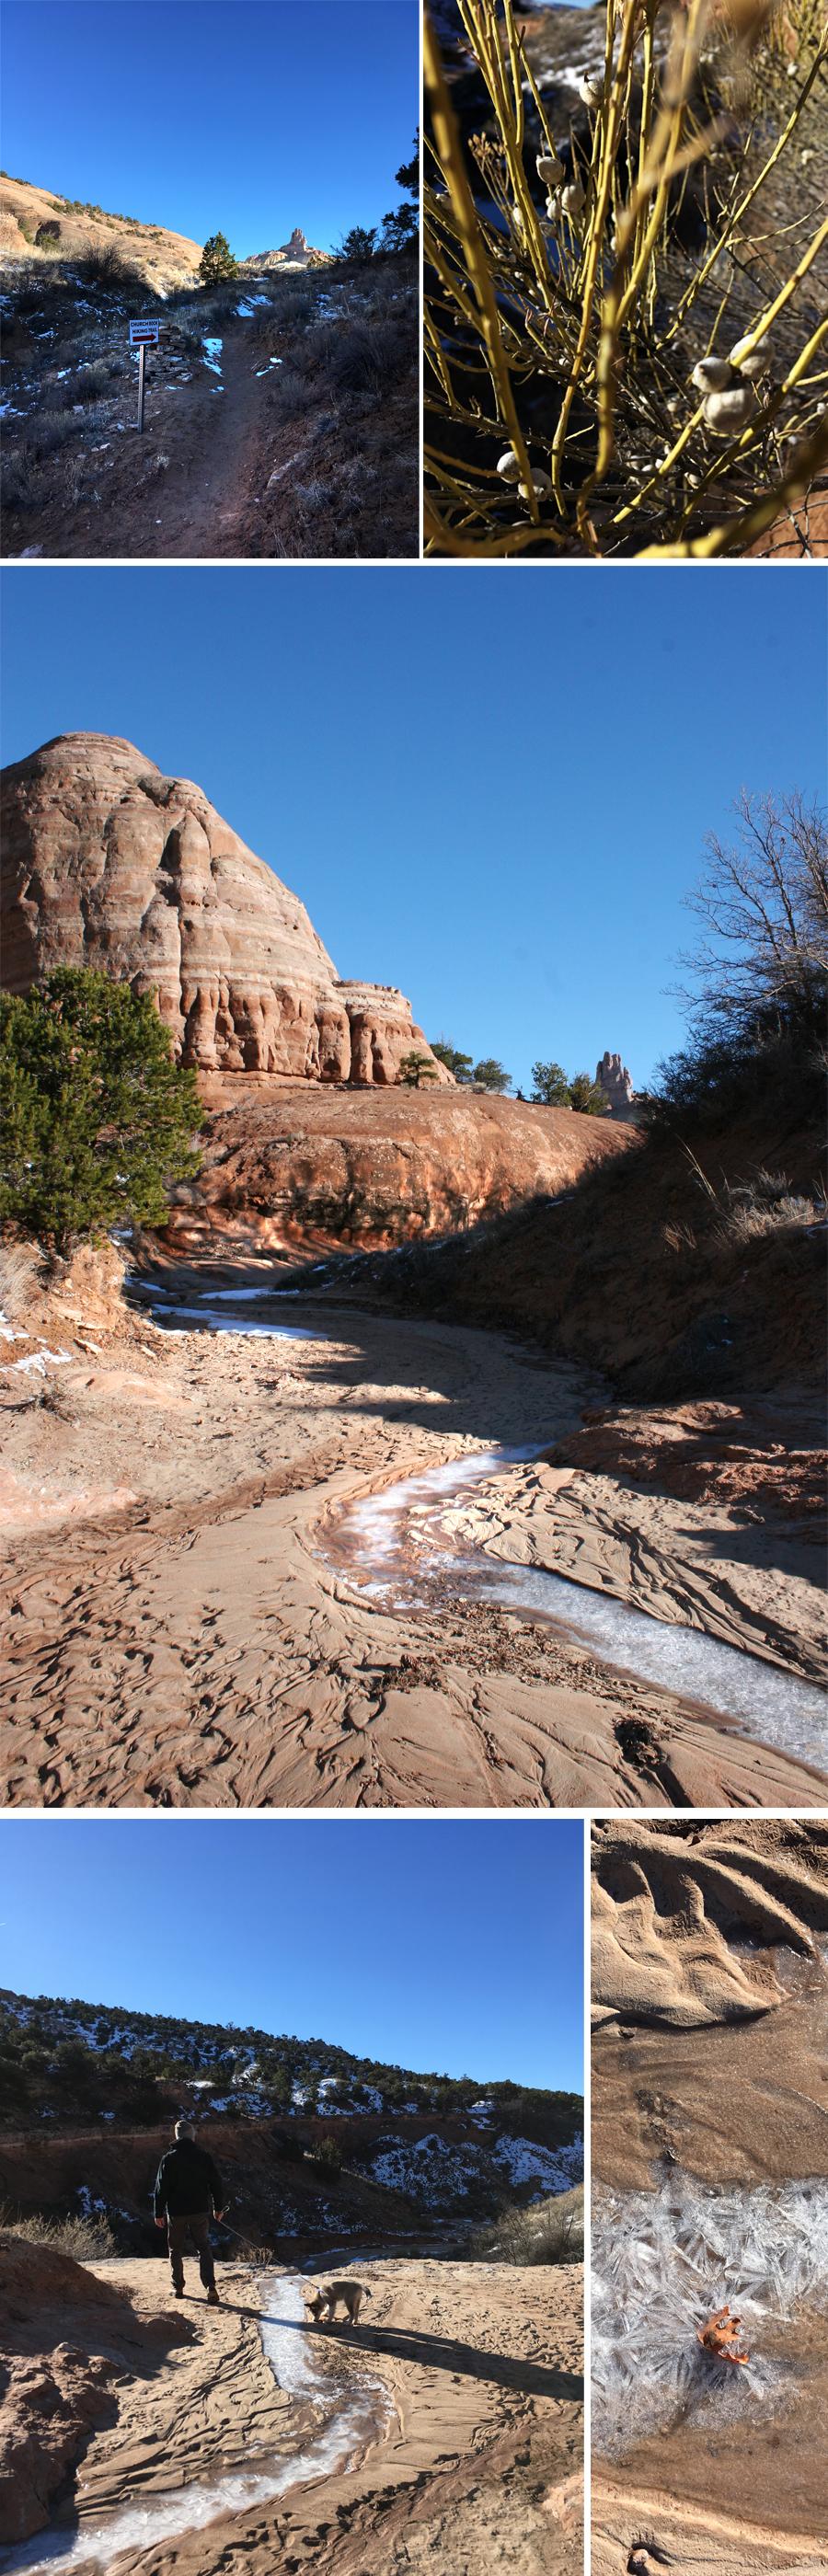 church rock trail NM 2